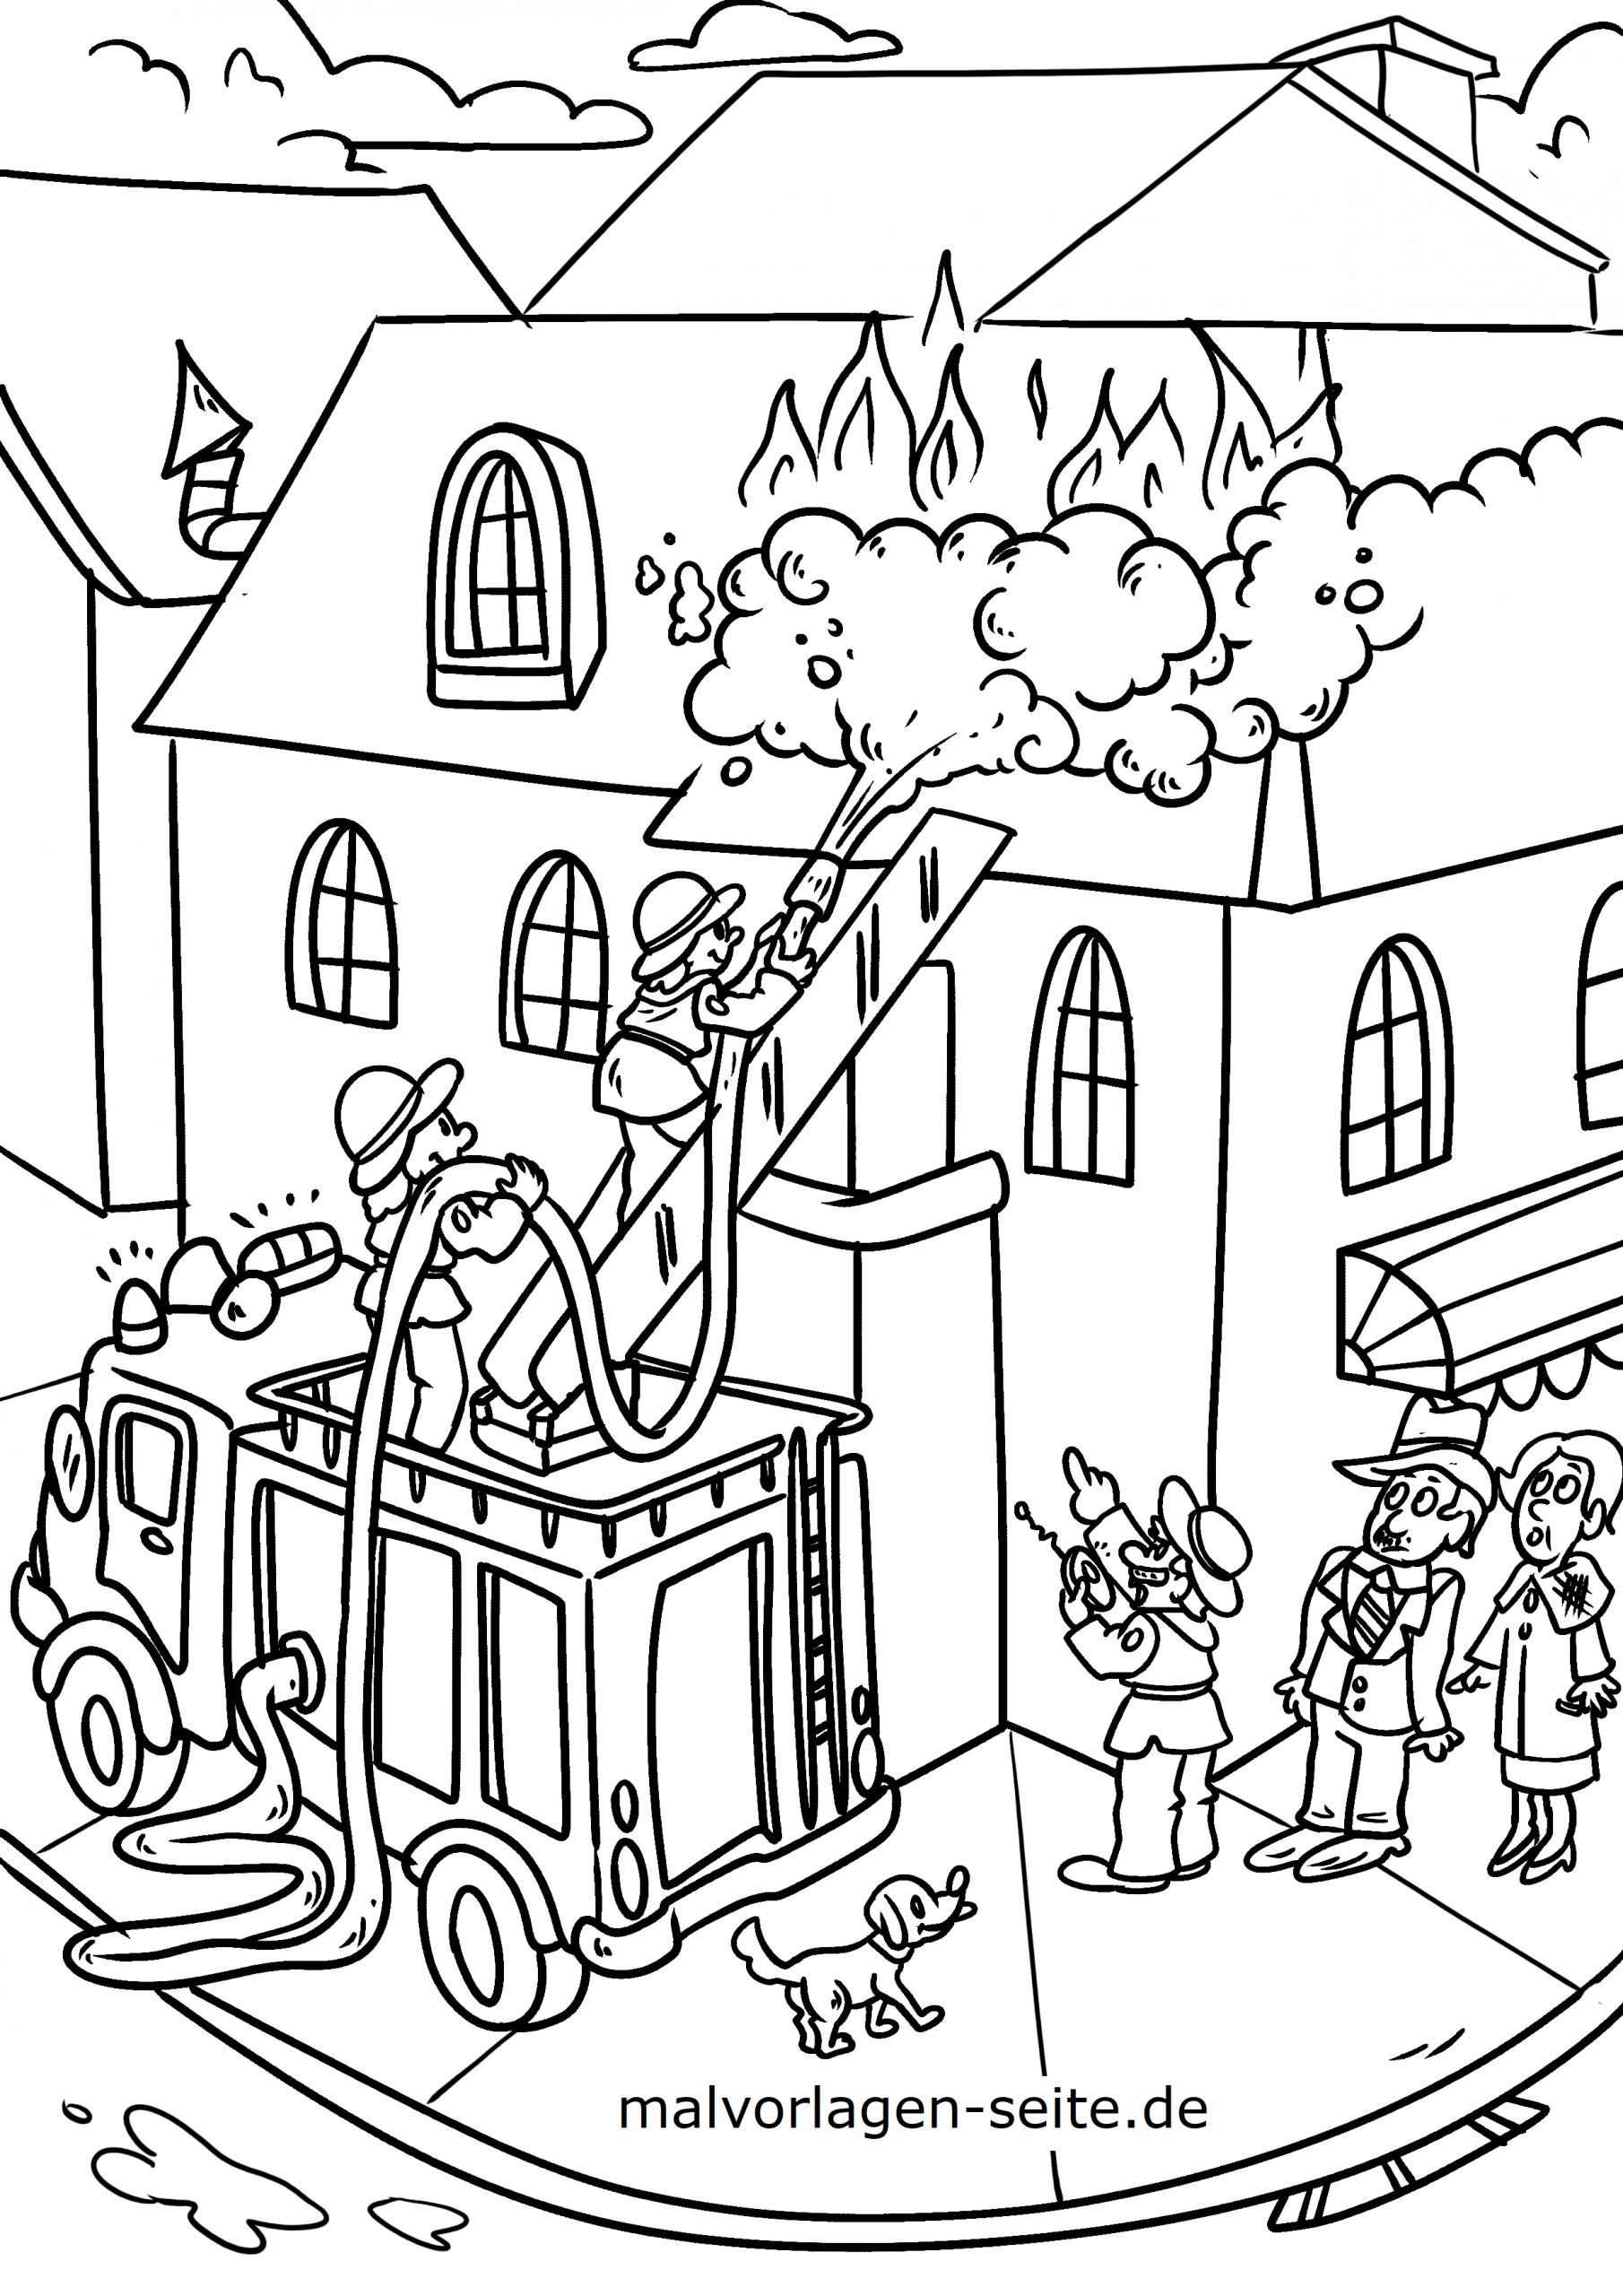 Malvorlage Feuerwehr - Ausmalbilder Kostenlos Herunterladen innen Feuerwehr Bilder Zum Ausmalen